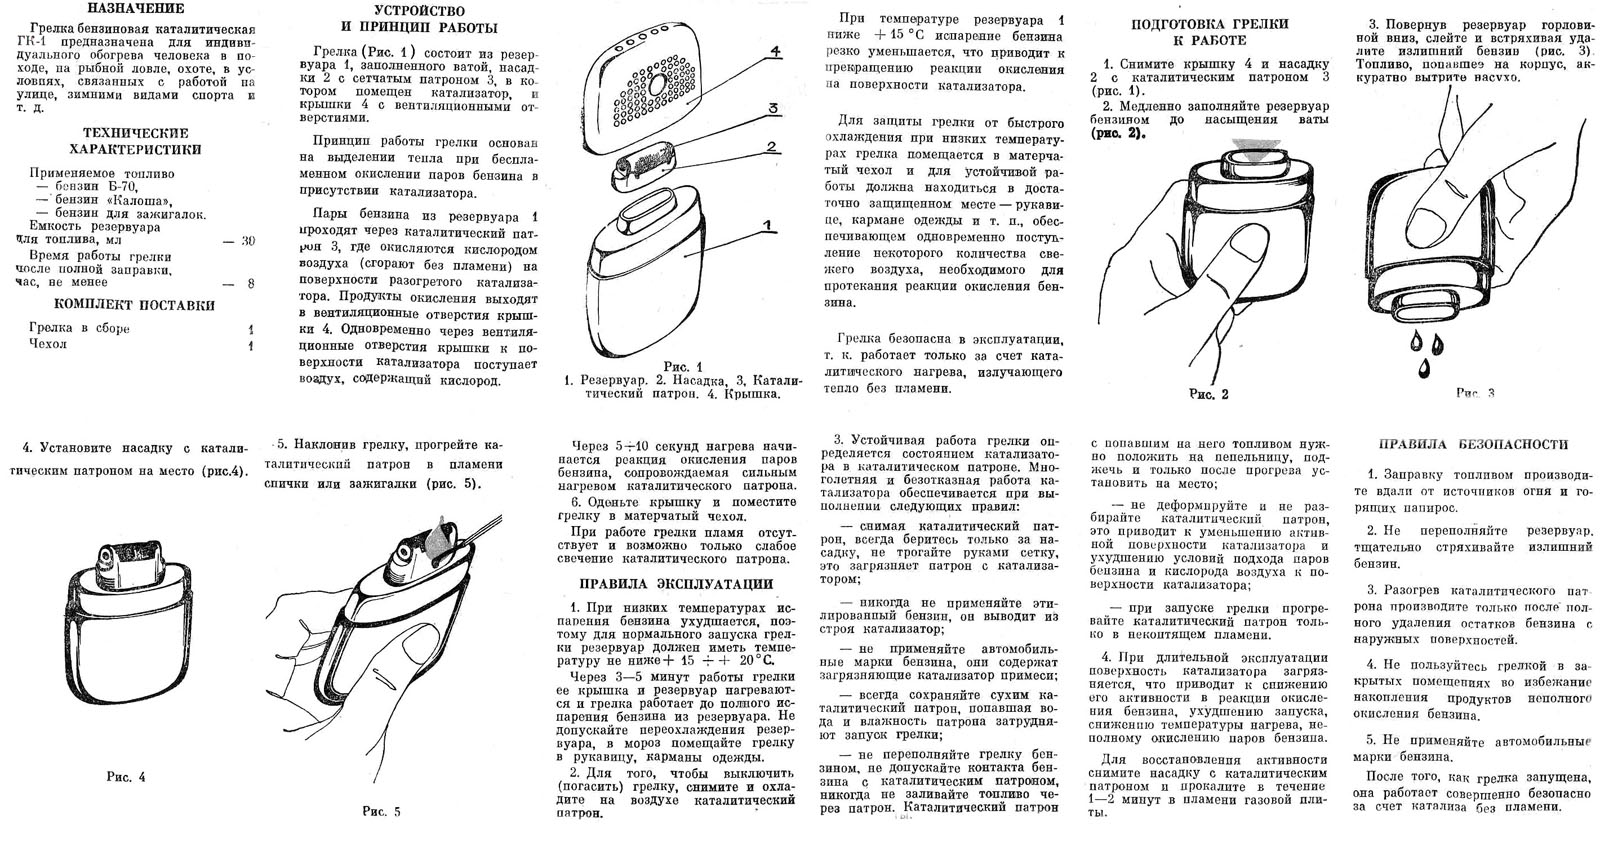 Каталитическая грелка инструкция